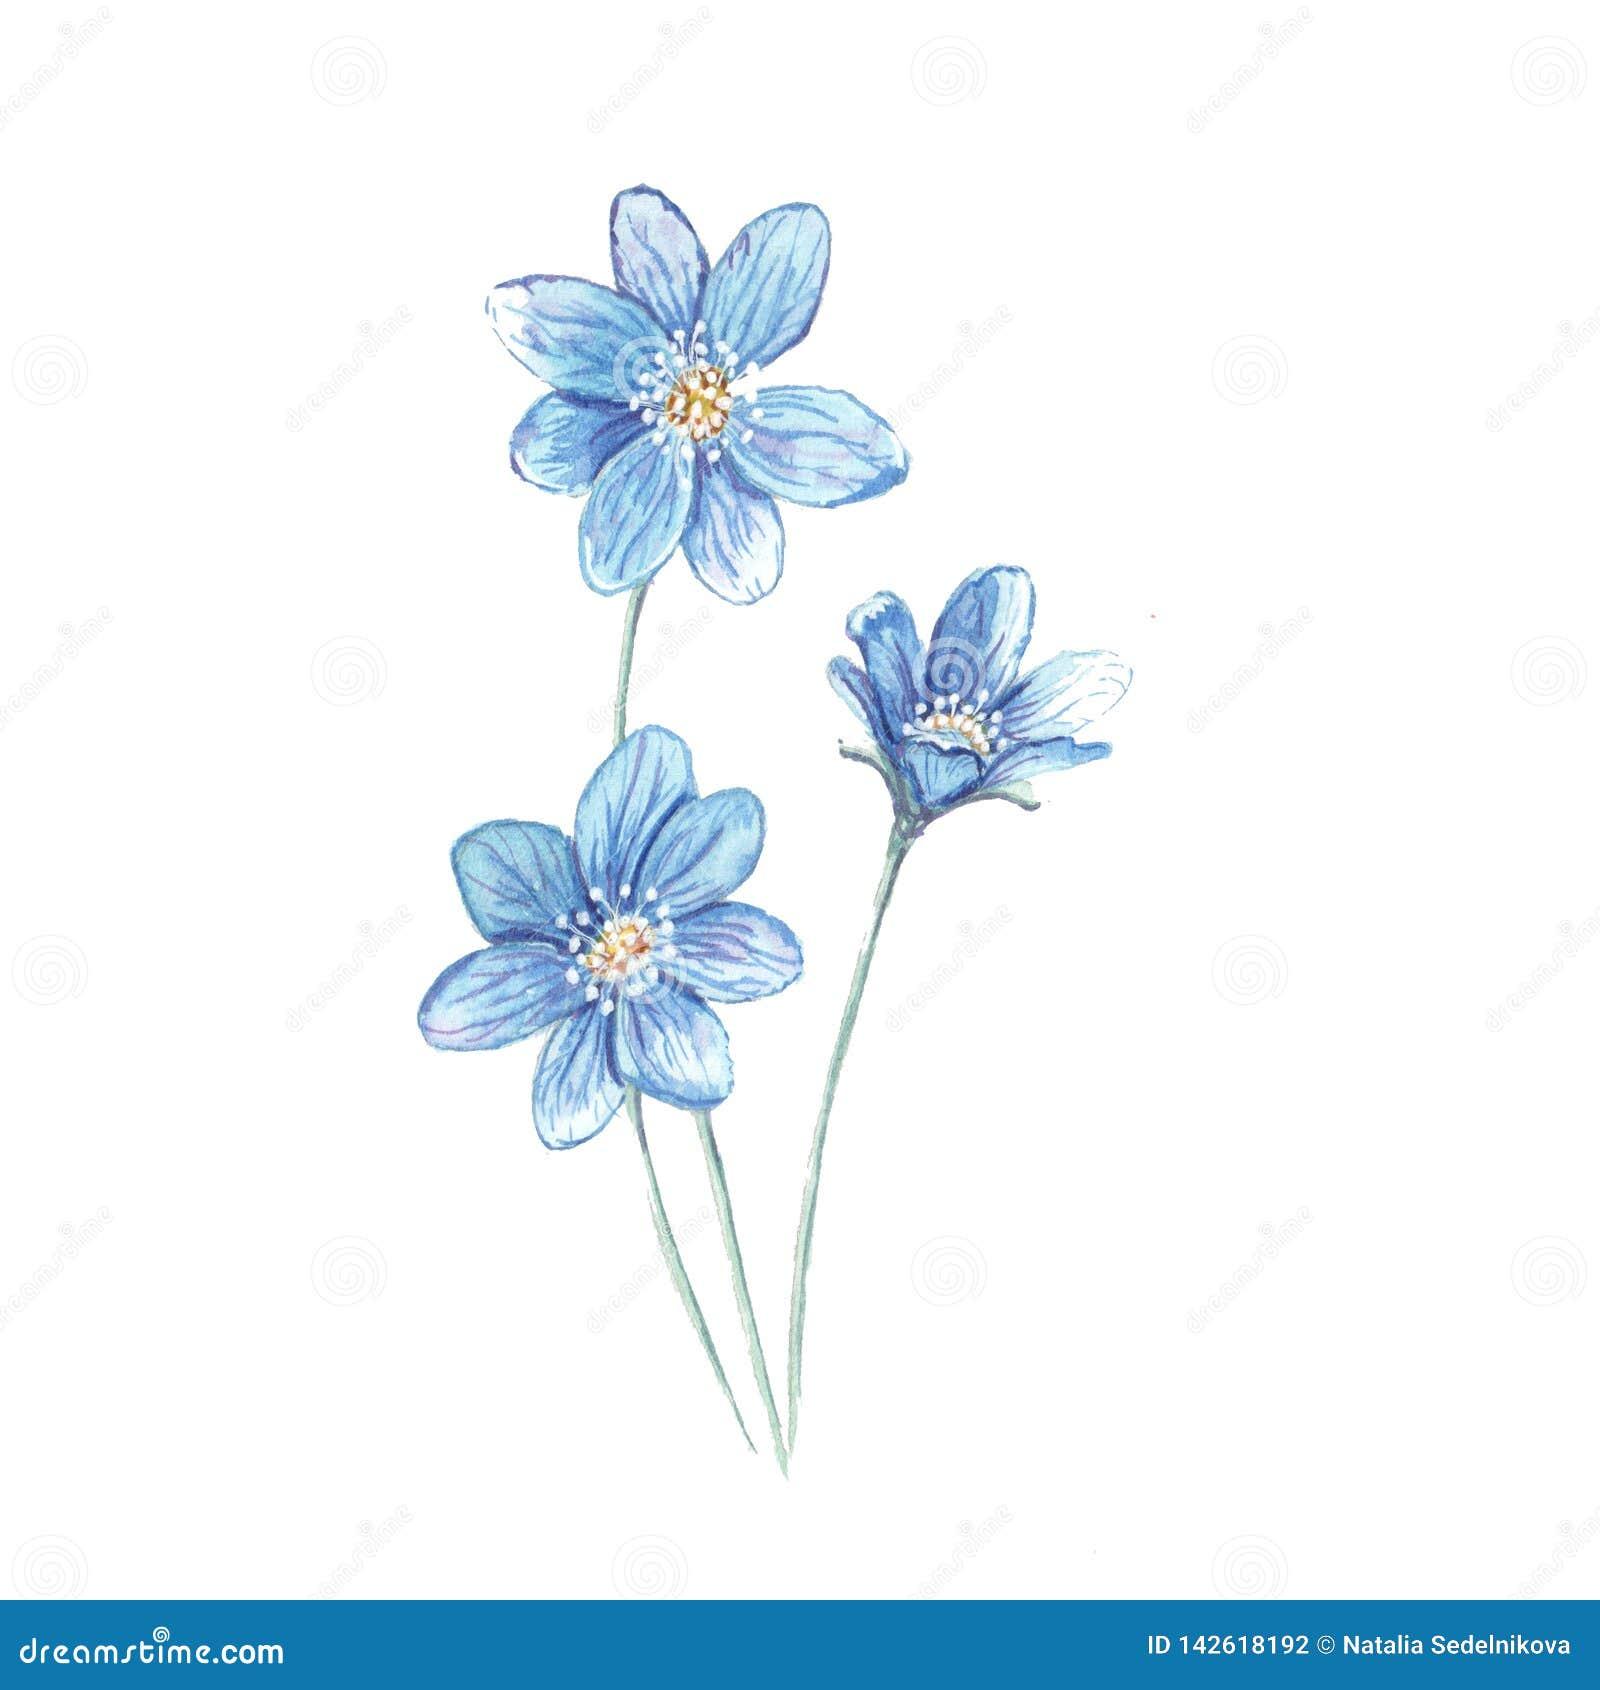 Illustratie van bloemblauw